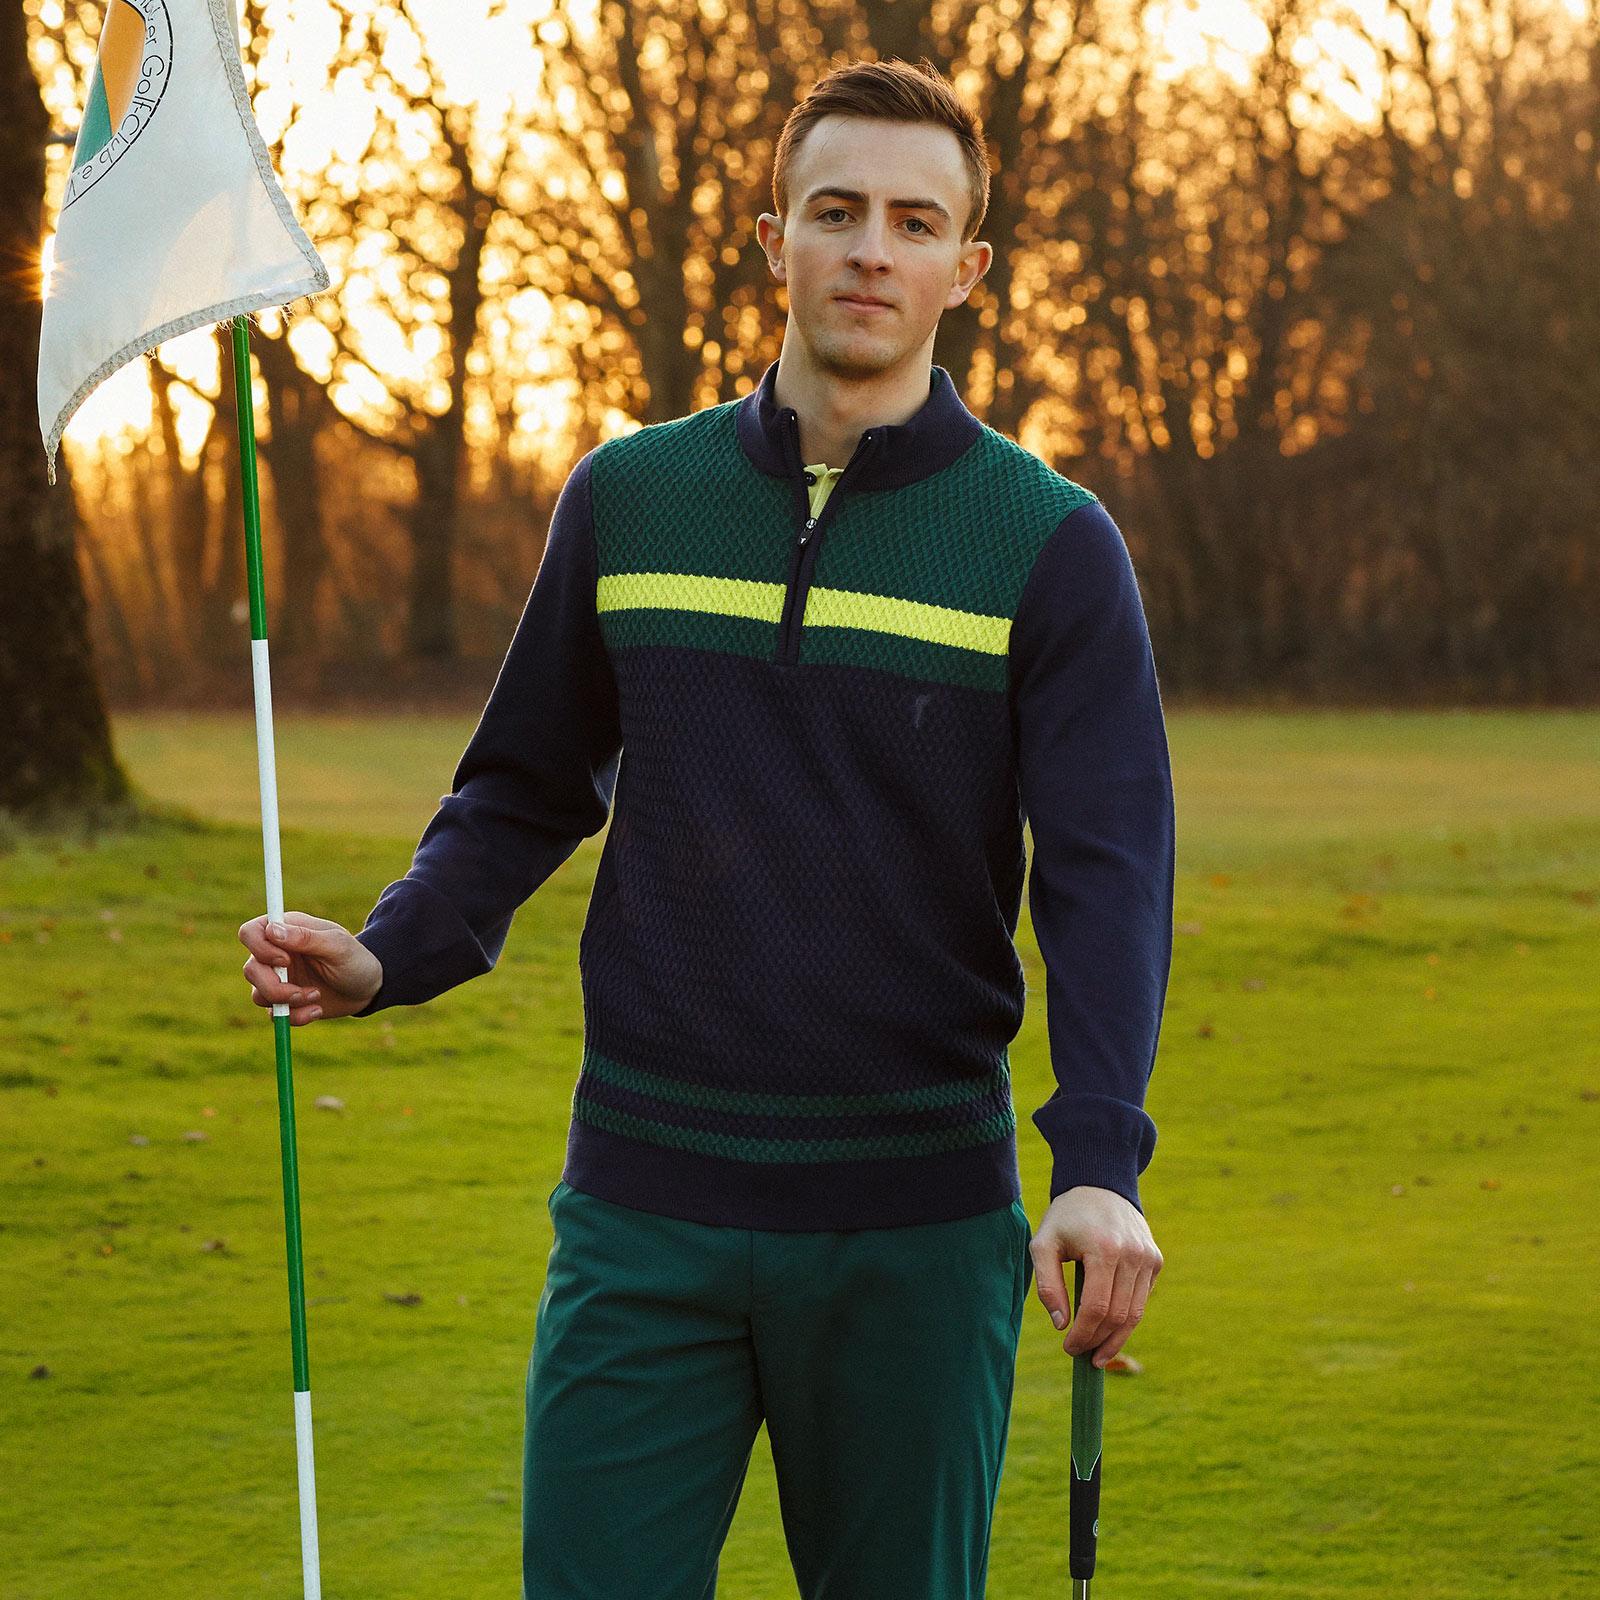 Herren Golfhose aus Stretch Funktionsmaterial für beste Bewegungsfreiheit